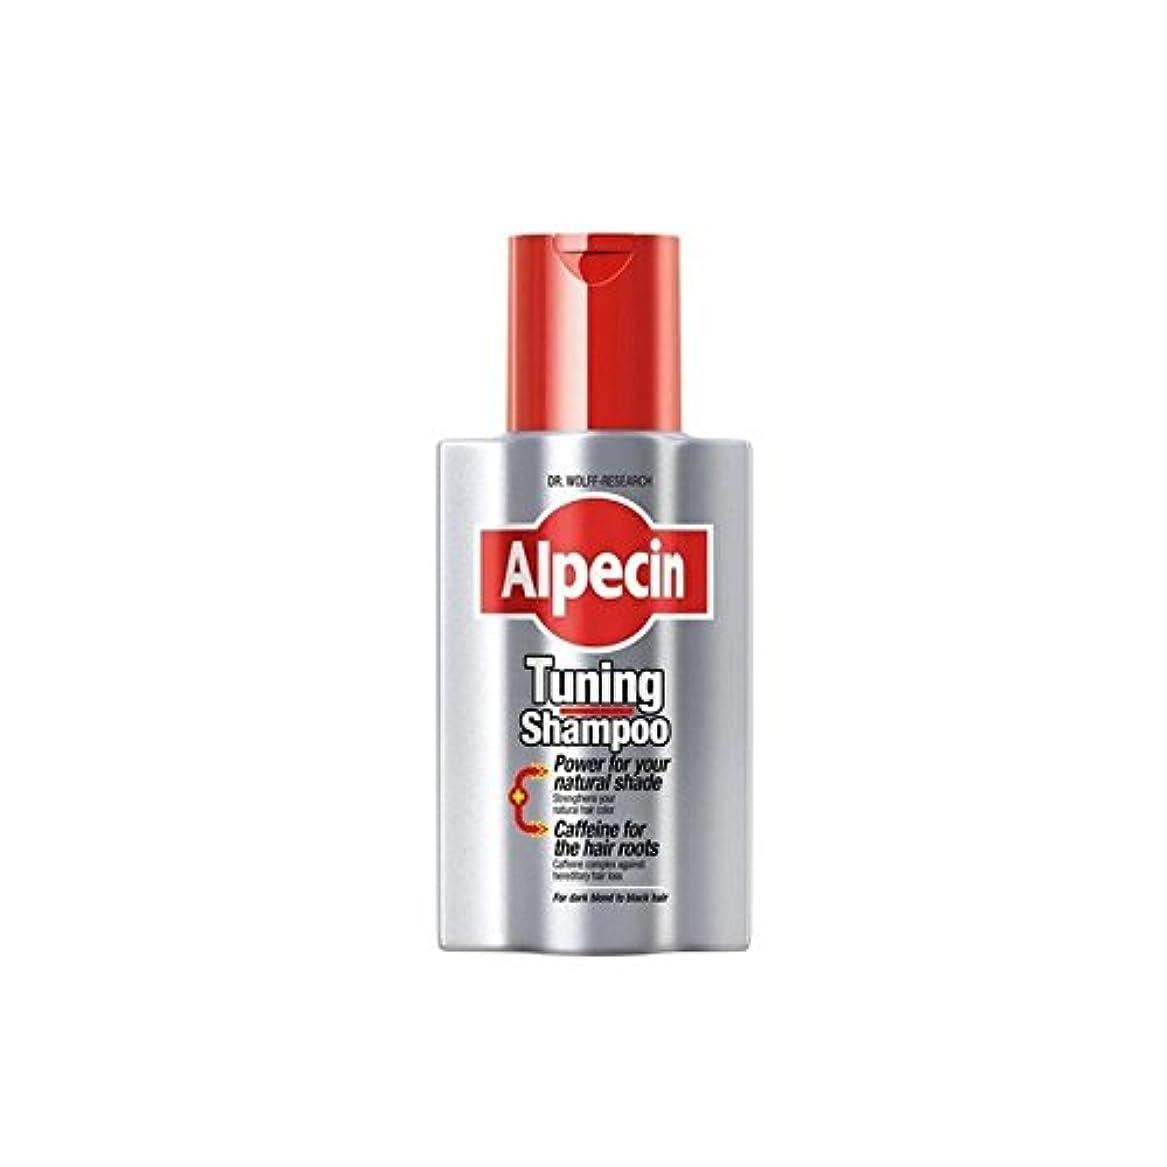 ハック植物の固執Alpecin Tuning Shampoo (200ml) - チューニングシャンプー(200ミリリットル) [並行輸入品]